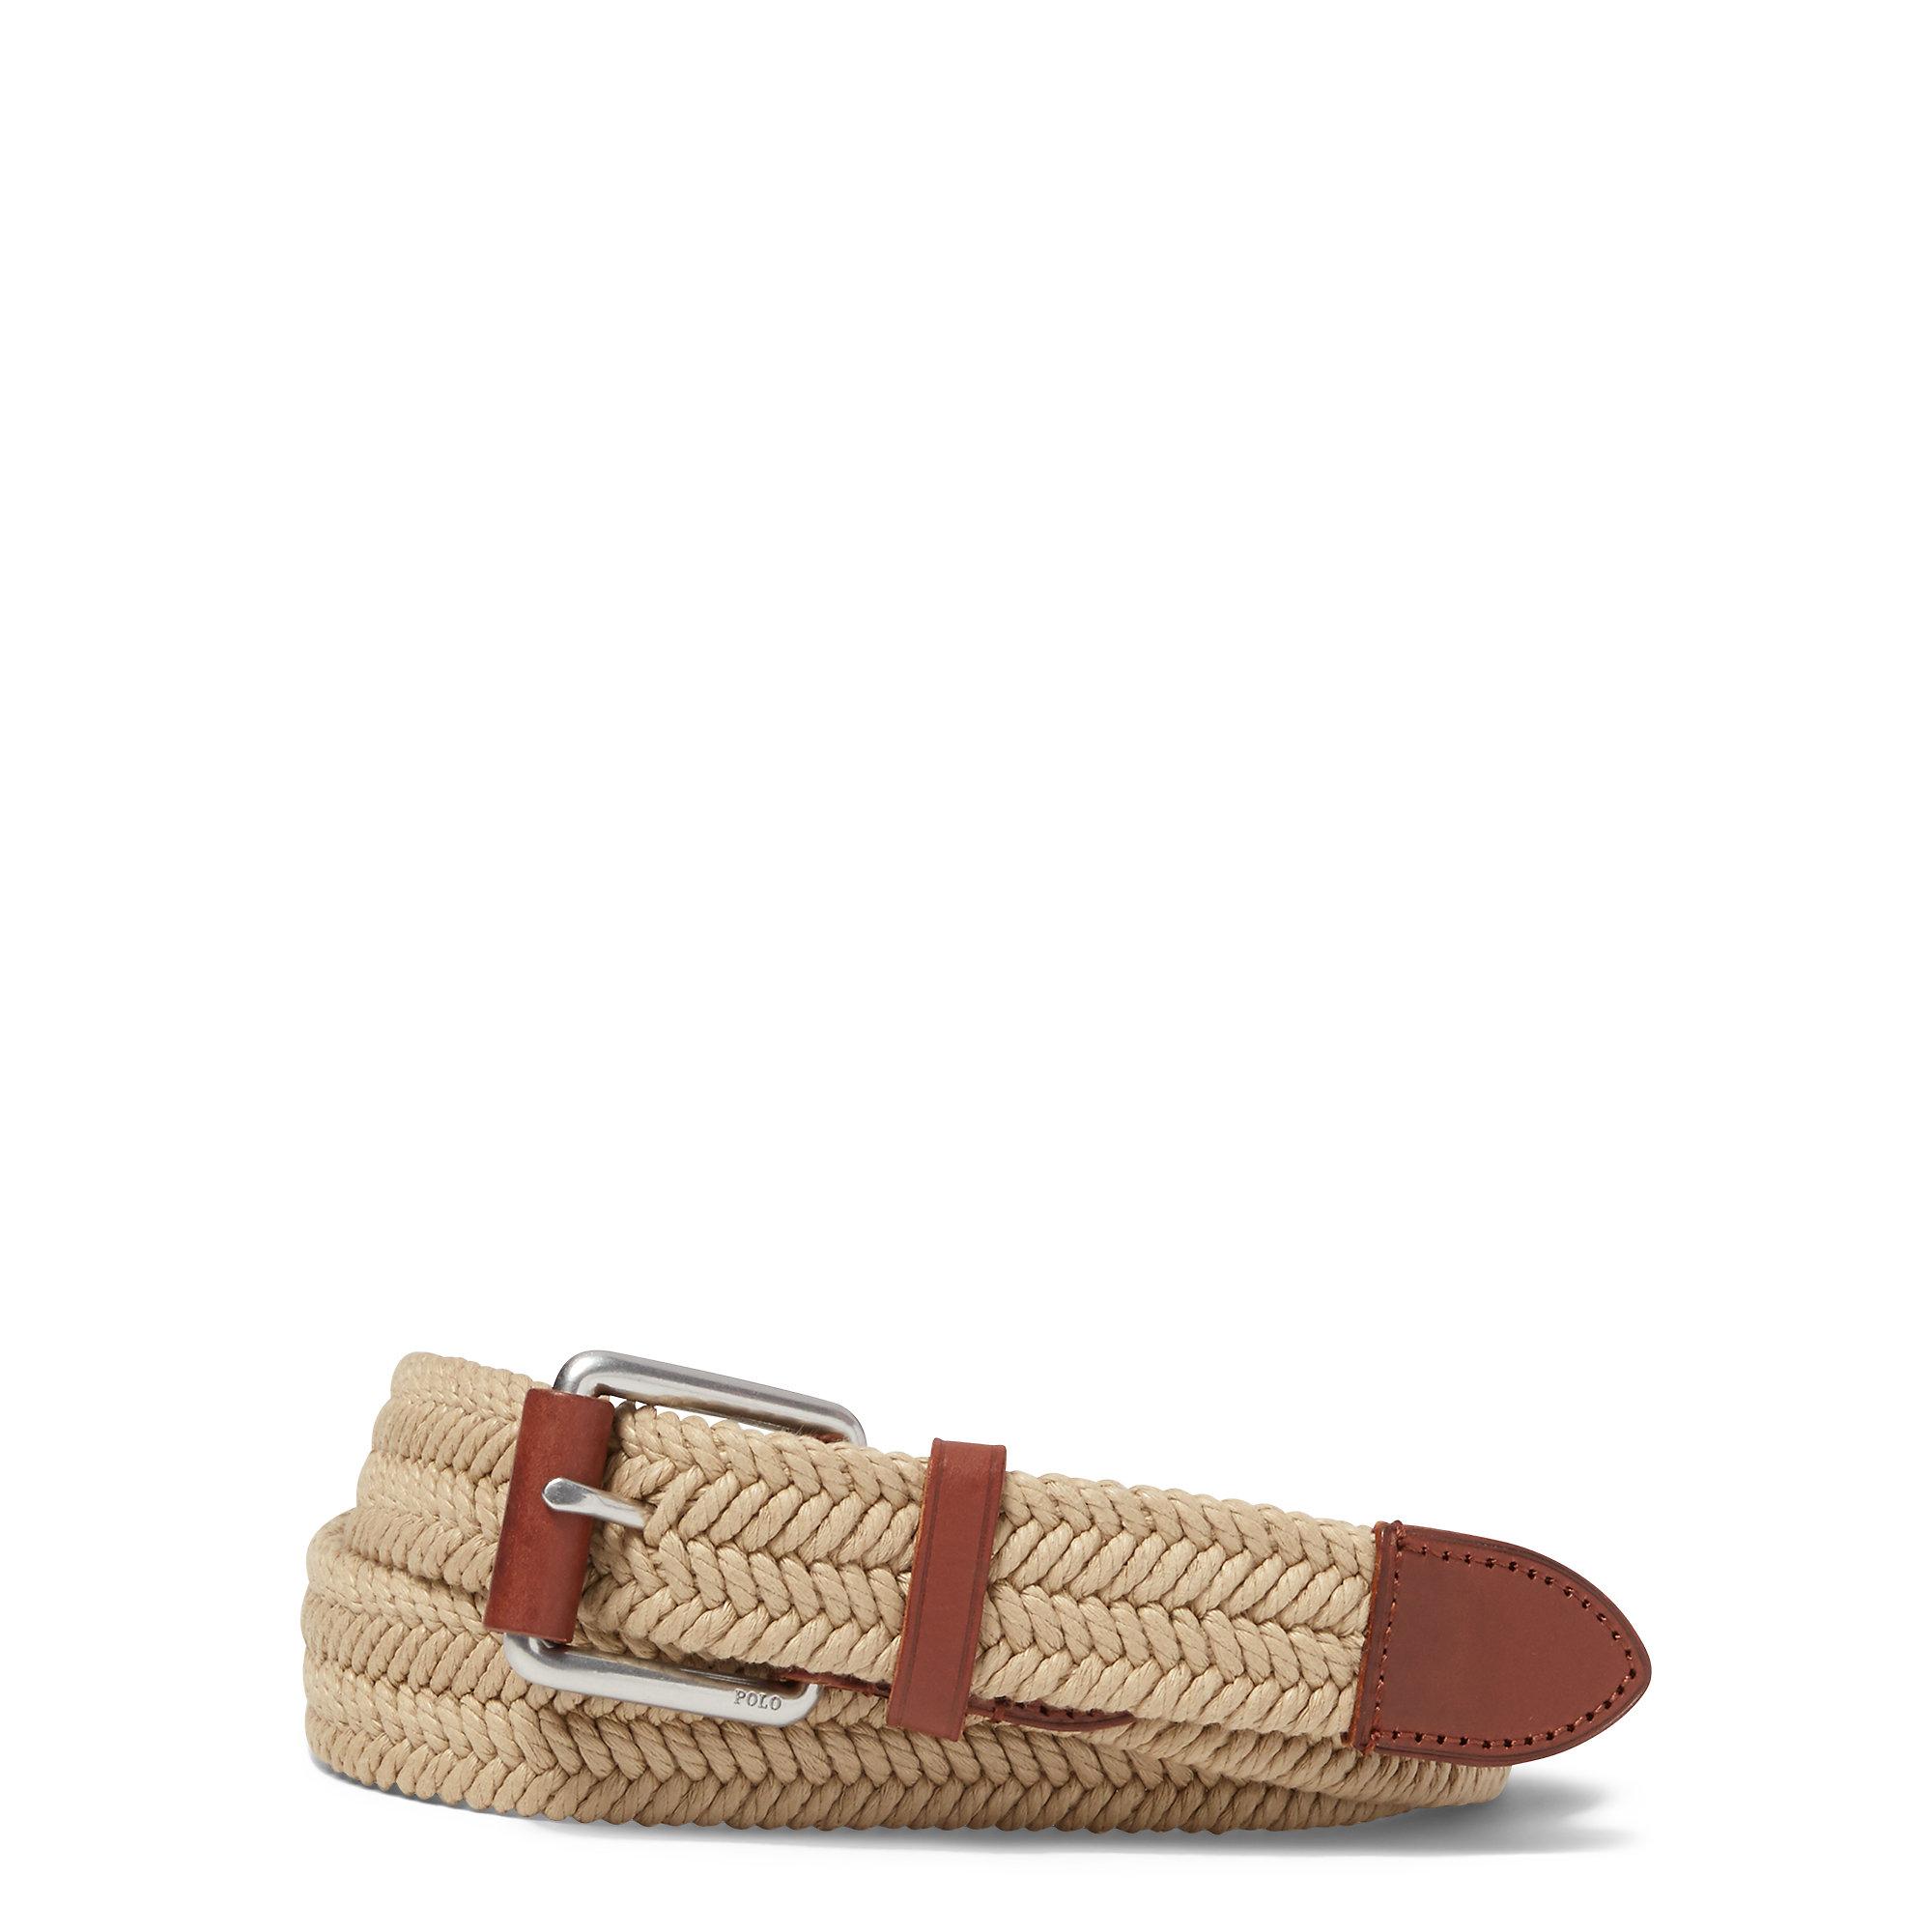 5b26464e7c Polo Ralph Lauren Natural Braided Waxed Cotton Belt for men